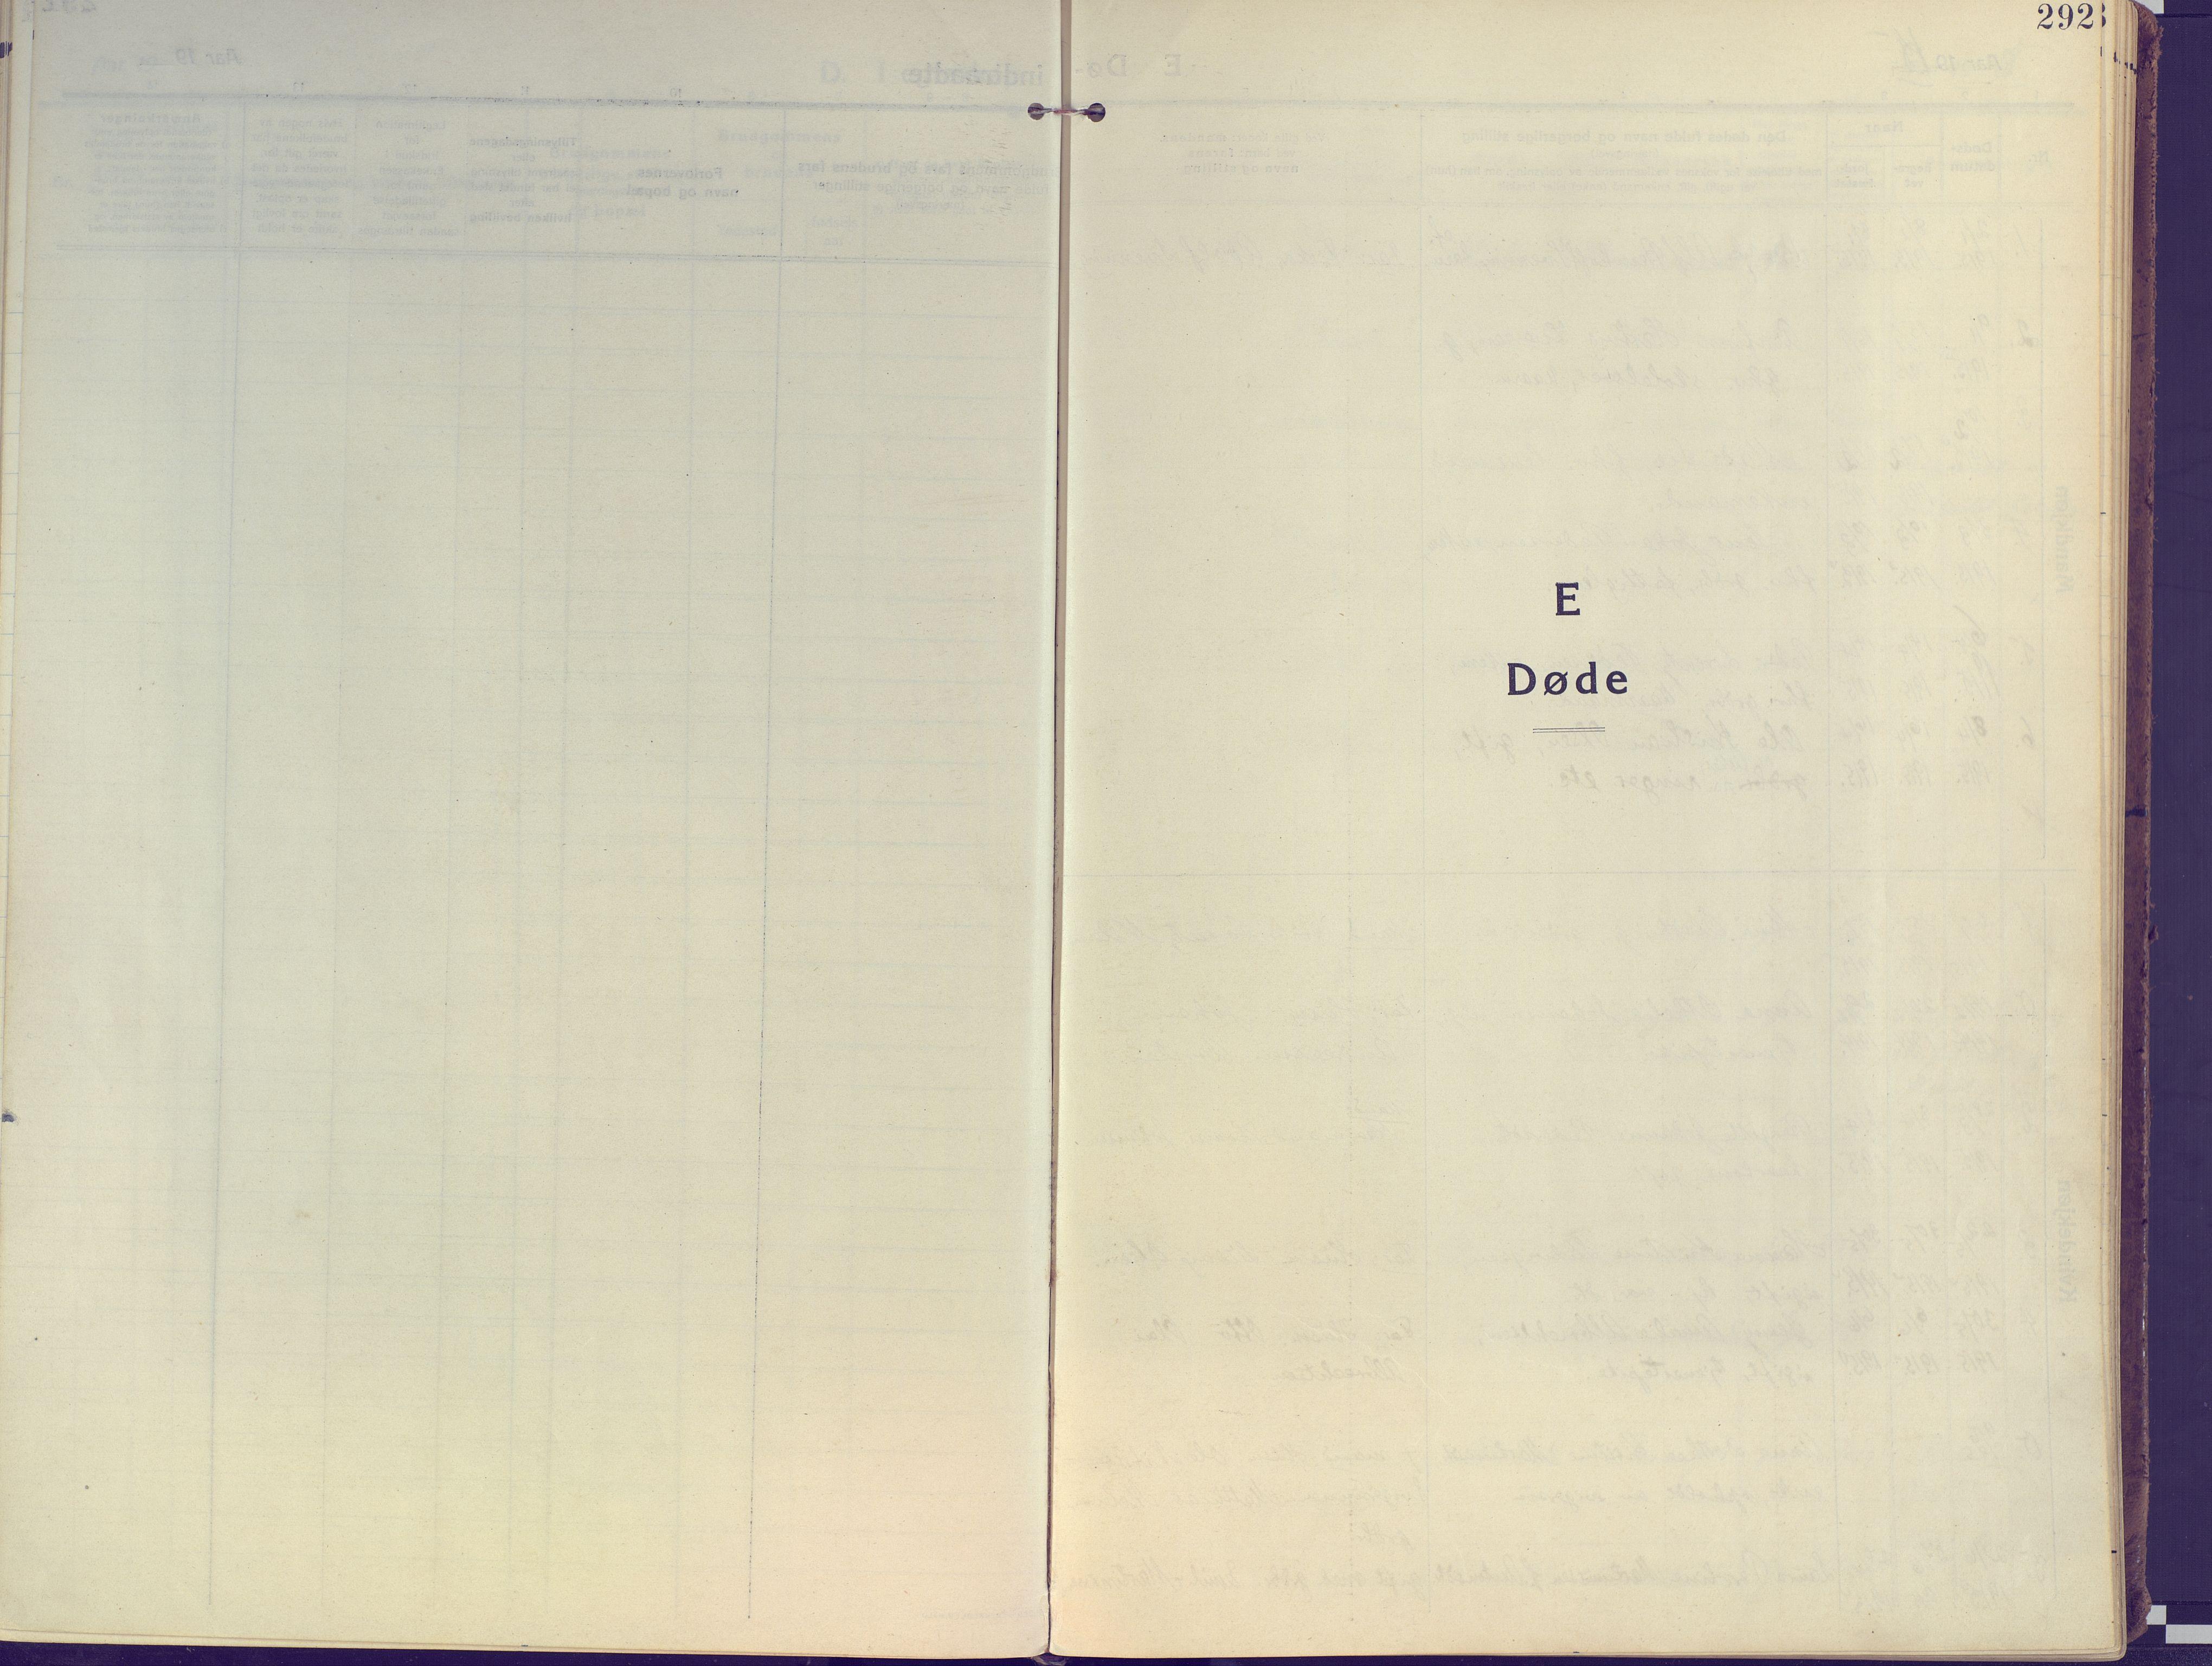 SATØ, Kvæfjord sokneprestkontor, G/Ga/Gaa/L0007kirke: Ministerialbok nr. 7, 1915-1931, s. 292